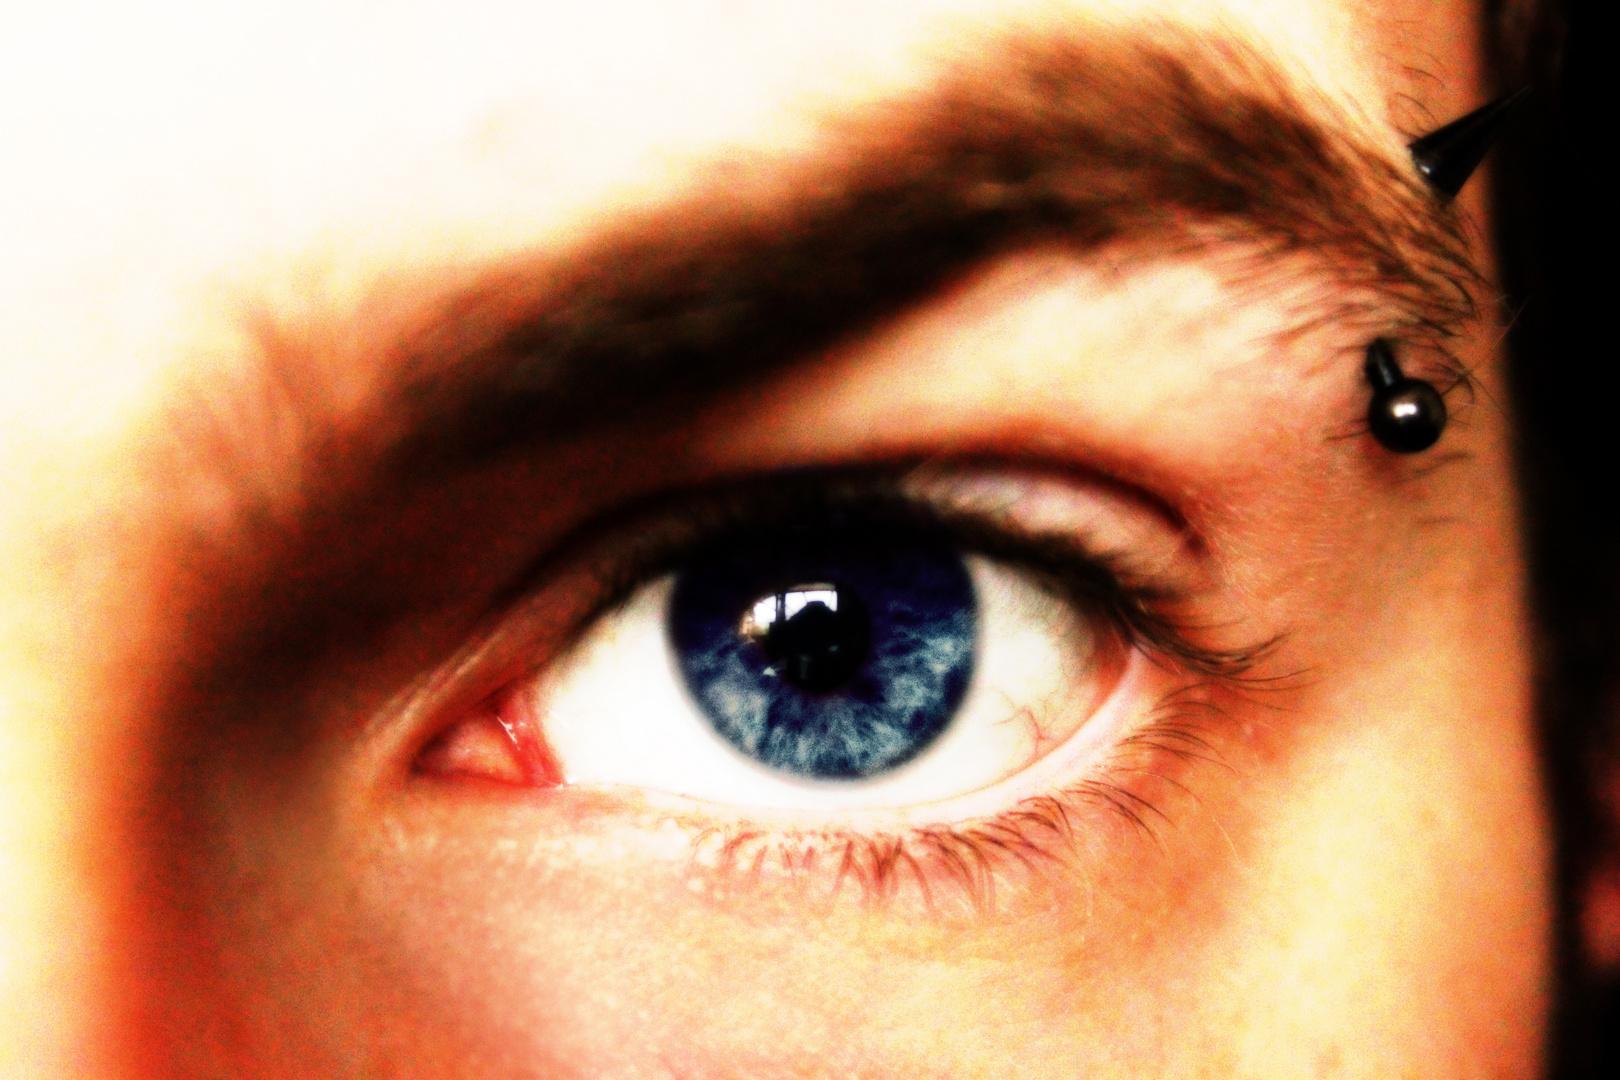 Blue Pierced Eye